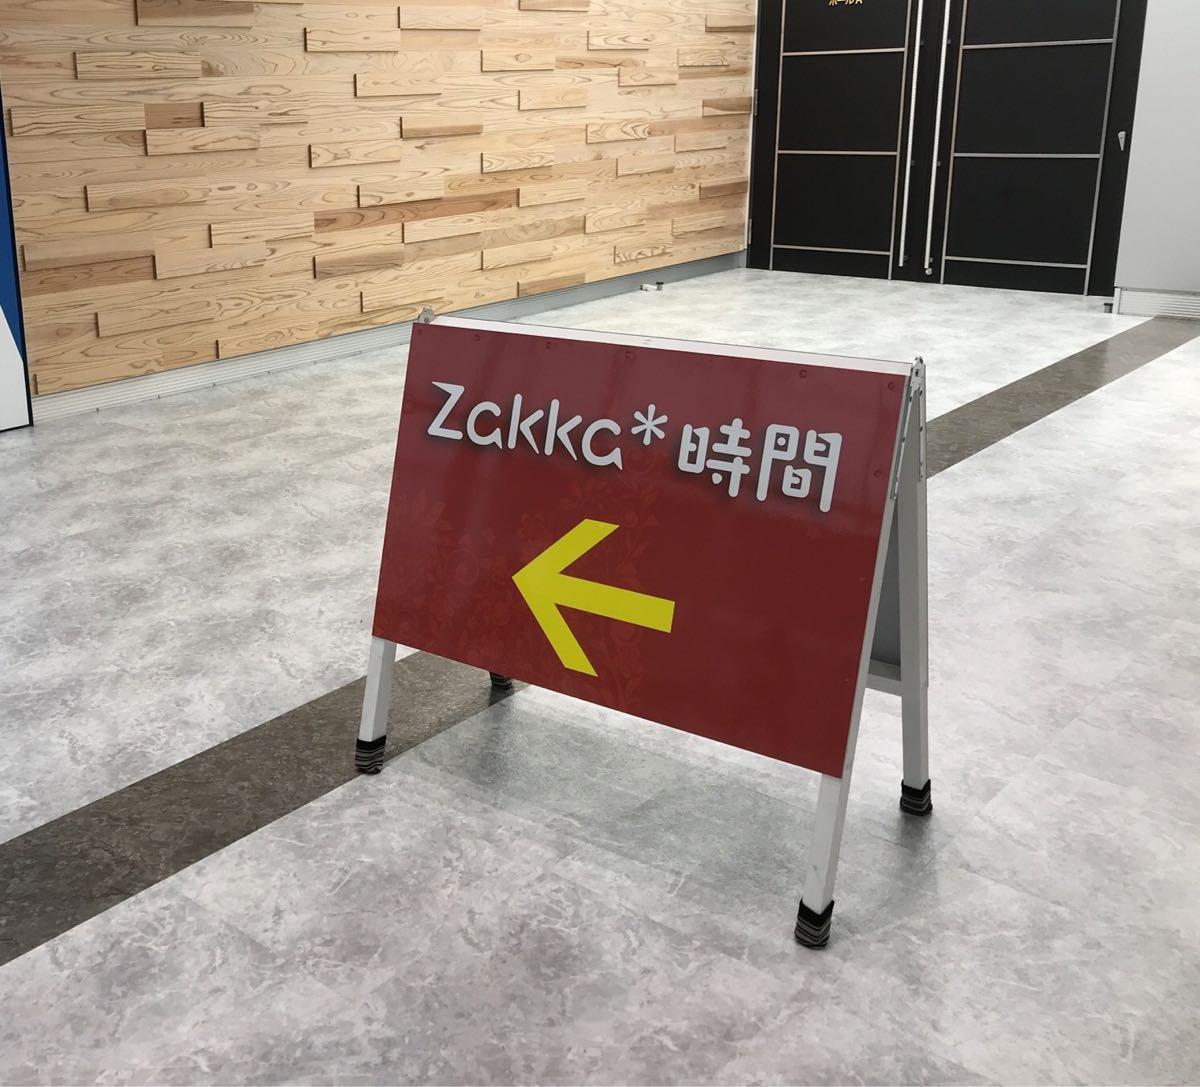 Zakka*時間